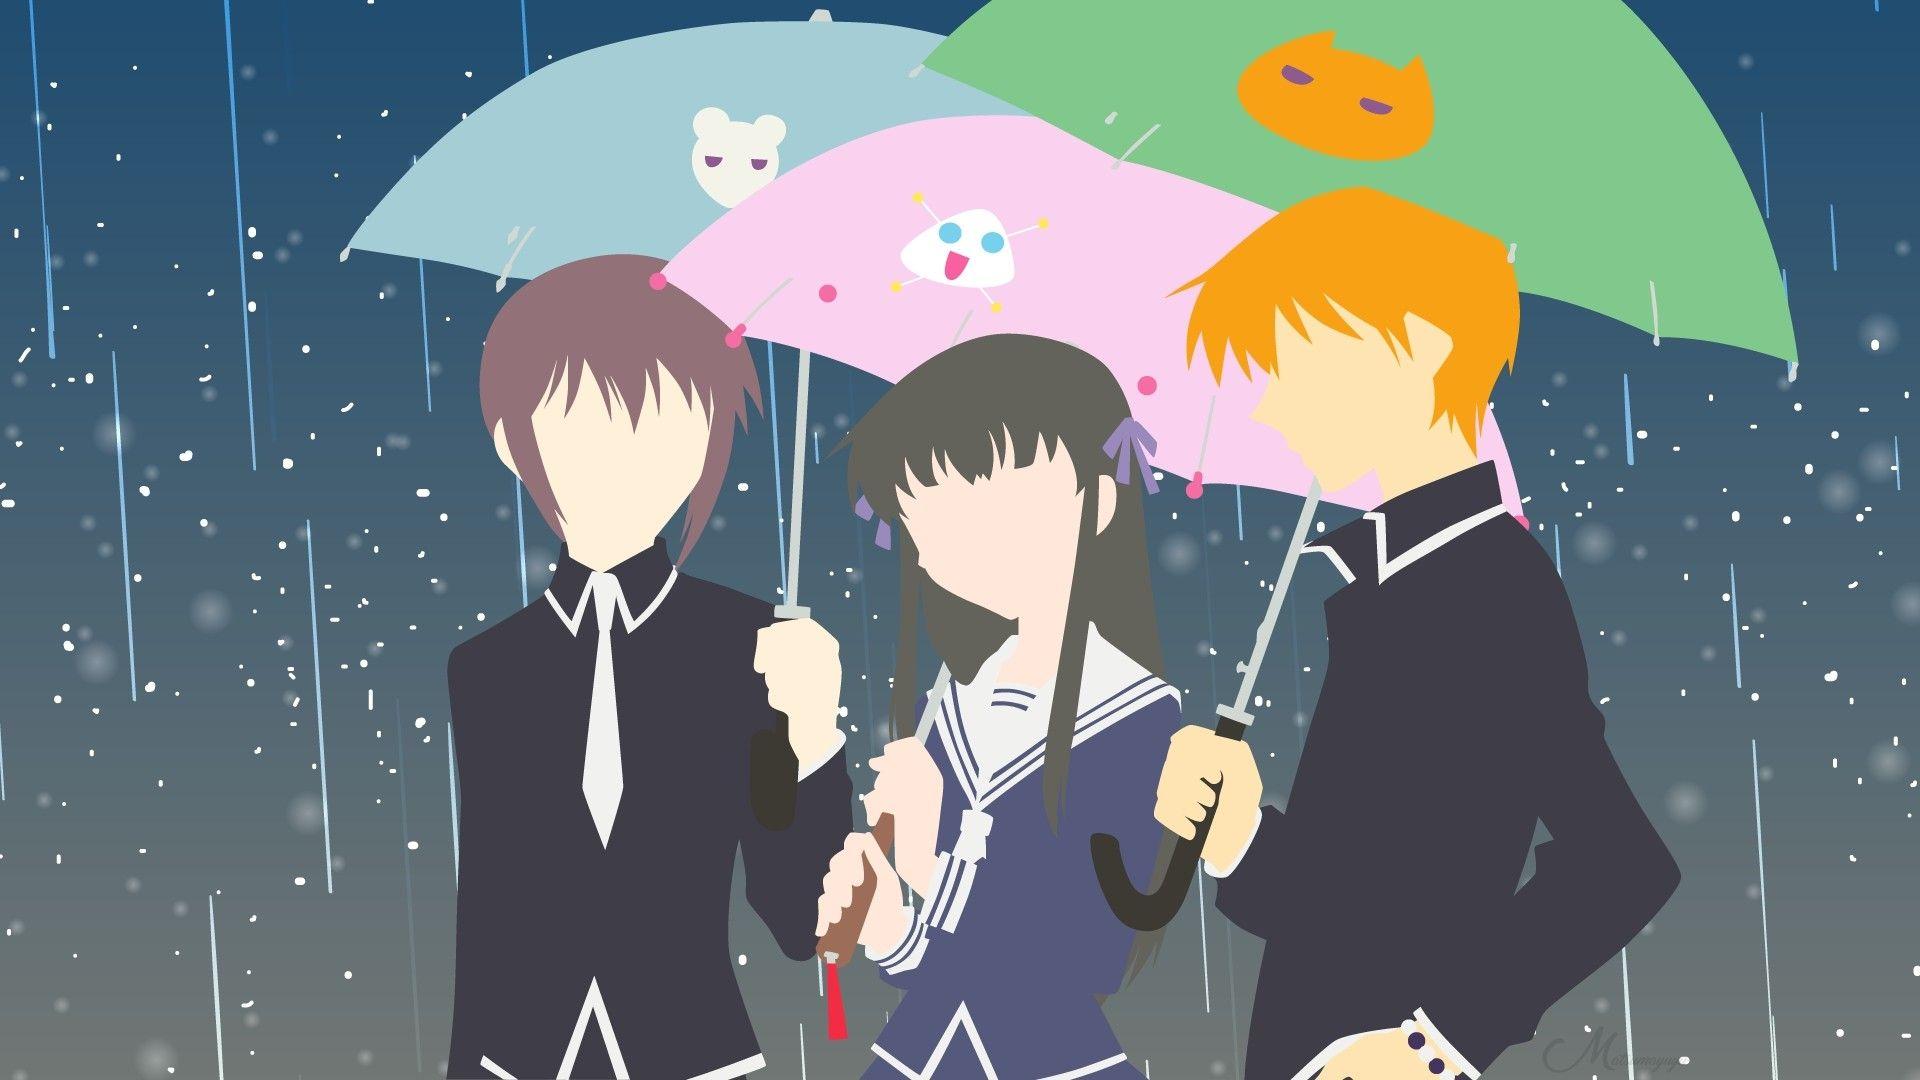 Fruits Basket 2019 New Anime Remake Fruits Basket Anime Fruit Basket Anime Anime Wallpaper